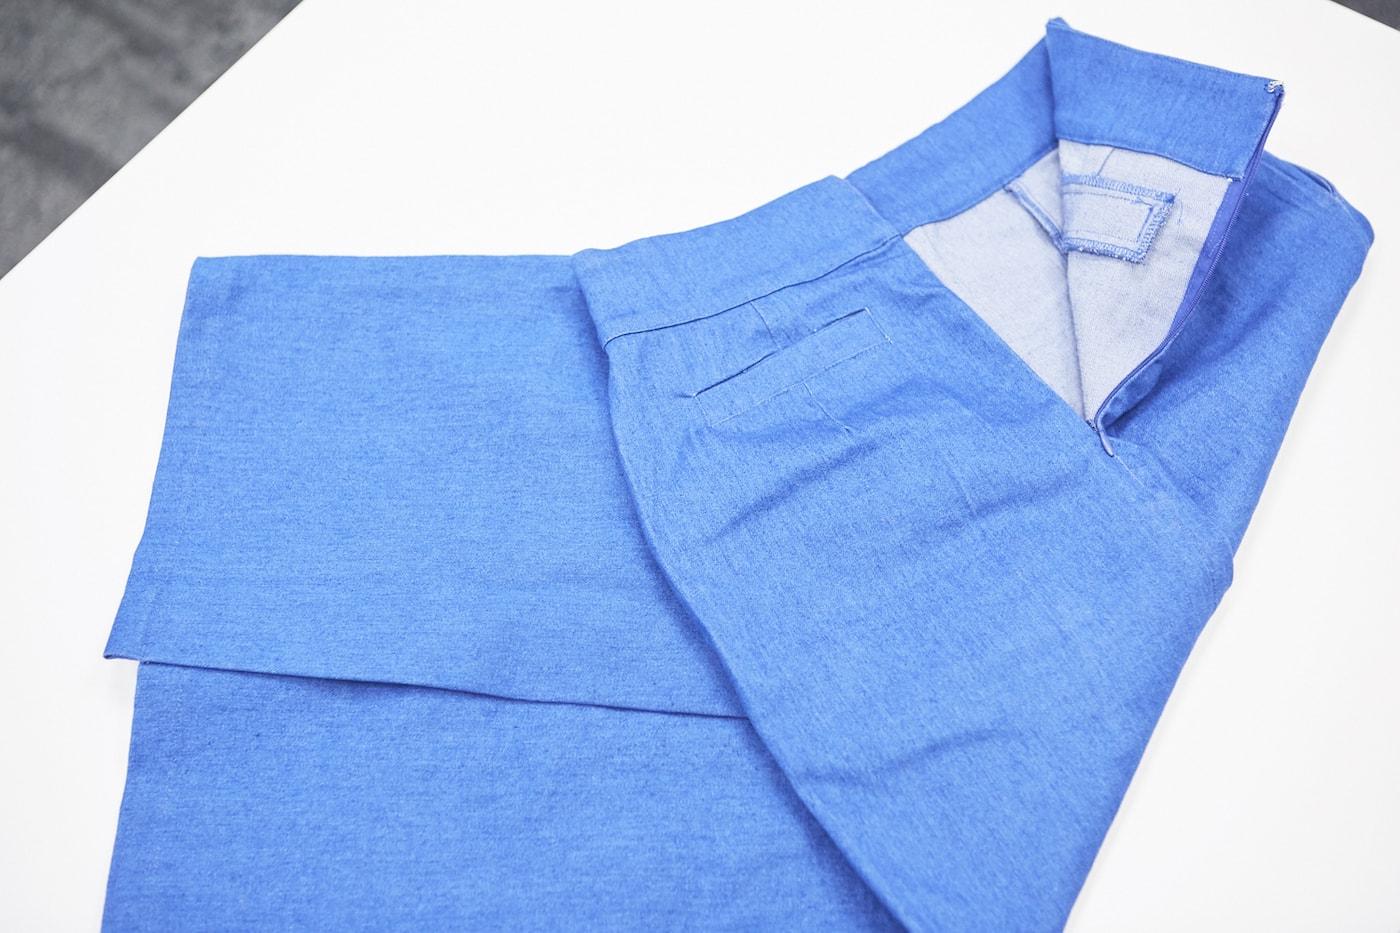 布施田さんの洋服